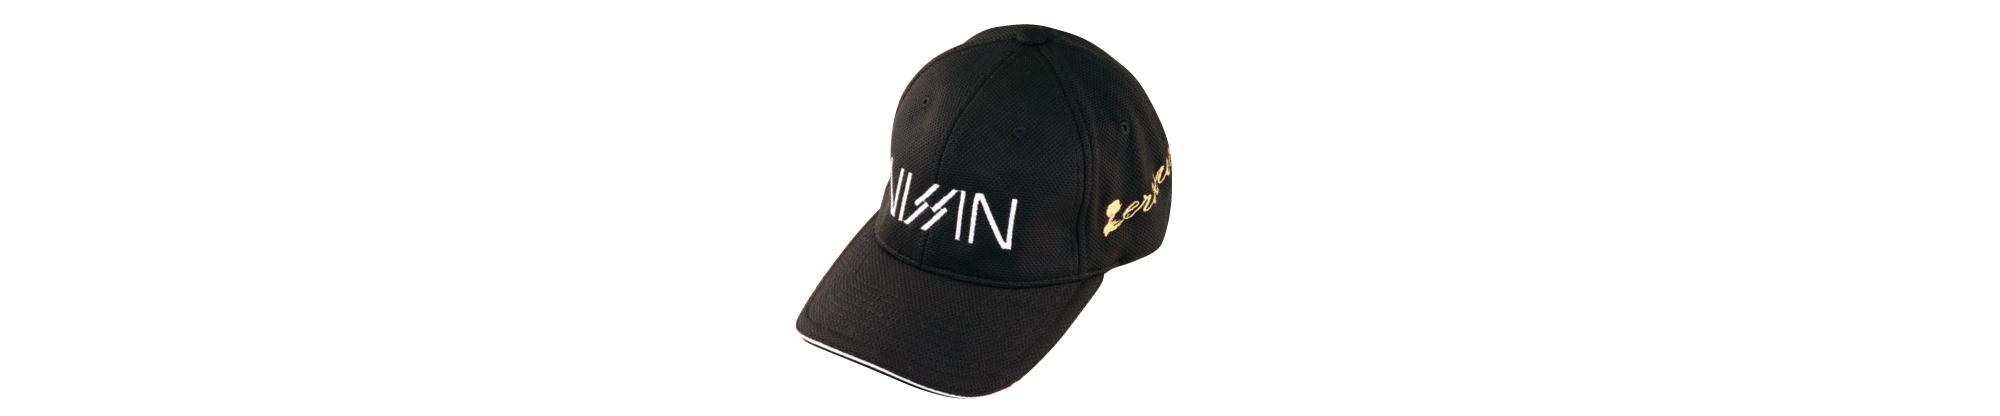 NISSIN メッシュキャップ